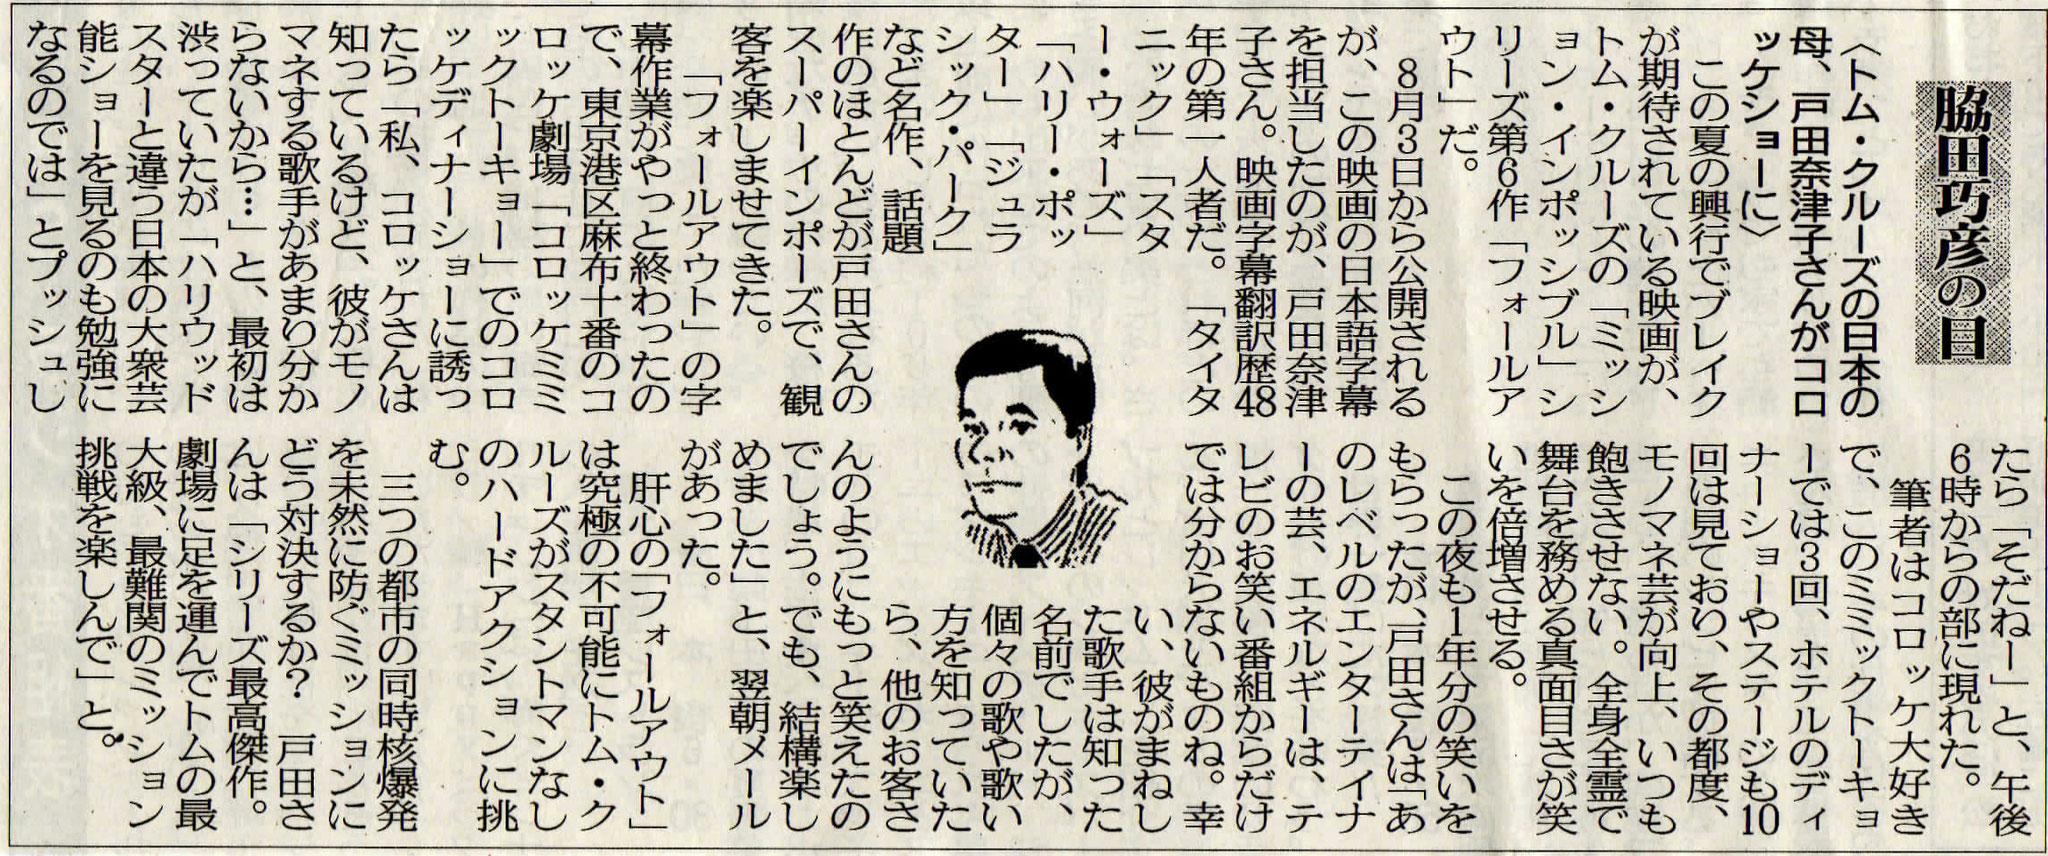 2018年06月30日 トム・クルーズの日本の母、戸田奈津子さんがコロッケショーに